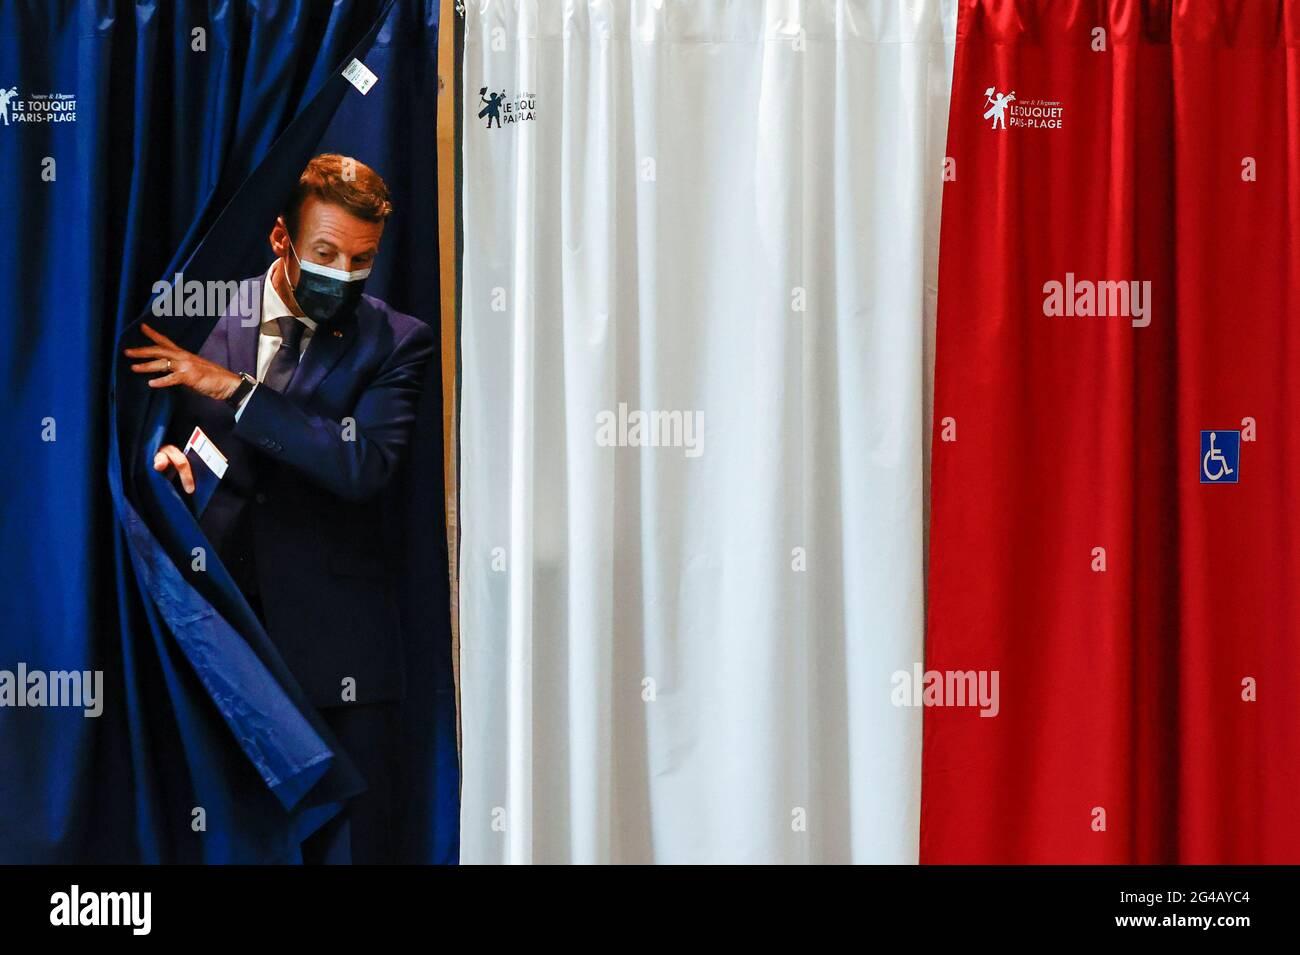 Der französische Präsident Emmanuel Macron wird während der ersten Runde der französischen Regional- und Abteilungswahlen in Le Touquet-Paris-Plage, Frankreich, am 20. Juni 2021, in einem Wahllokal gesehen. REUTERS/Christian Hartmann/Pool Stockfoto